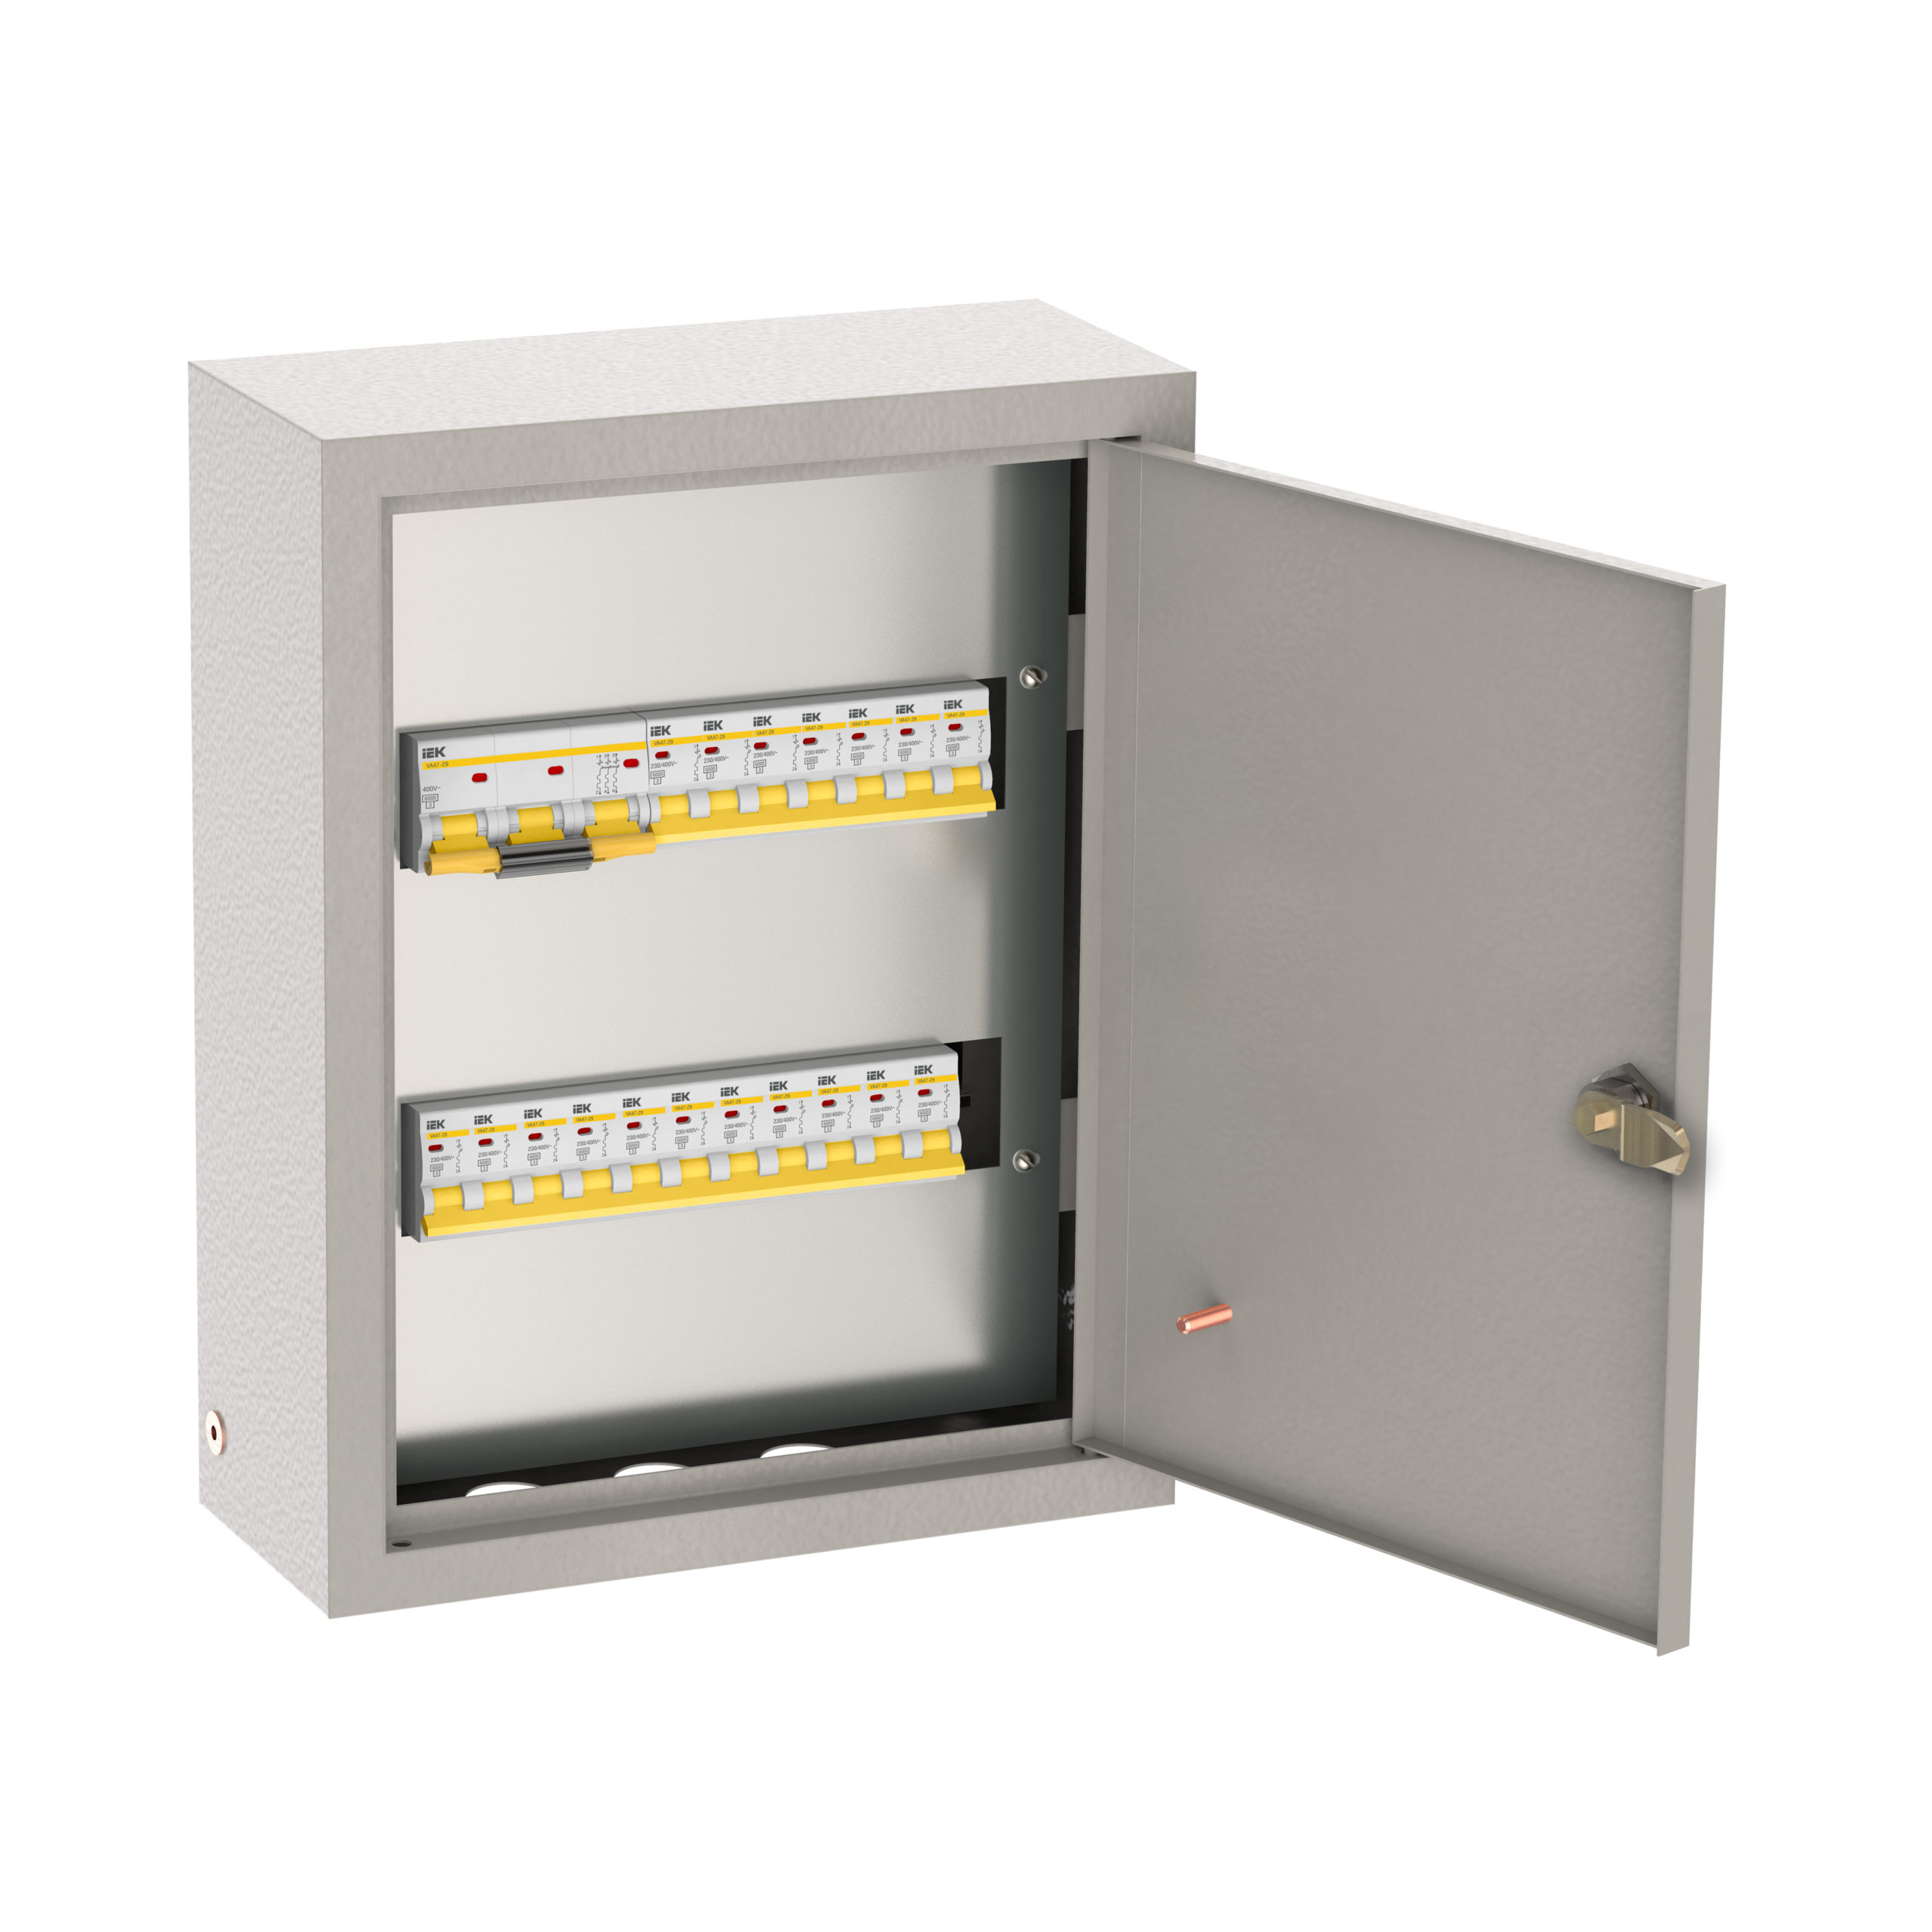 Щиток осветительный ОЩВ навесной с автоматическими выключателями 3p 1х100А 1p 6х16А IEK